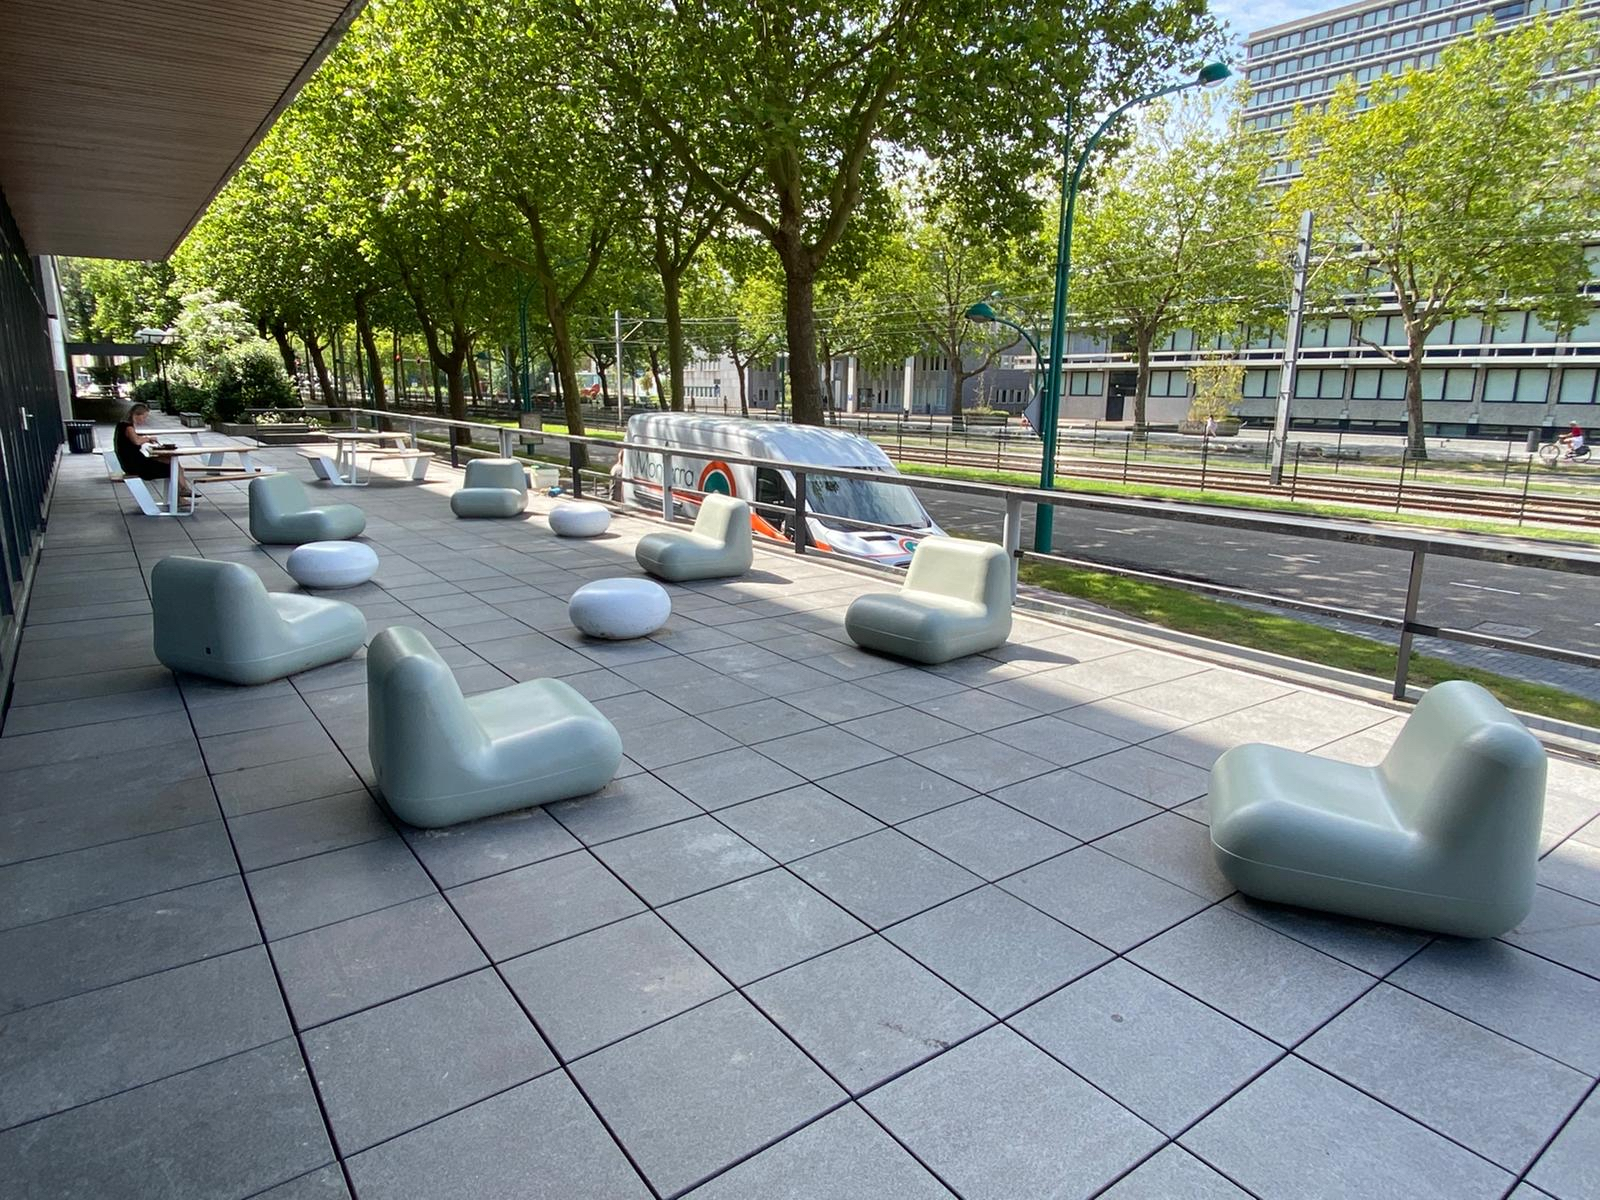 rio zitelementen stoelen en keien betonlook creme wit gerecycled kunststof